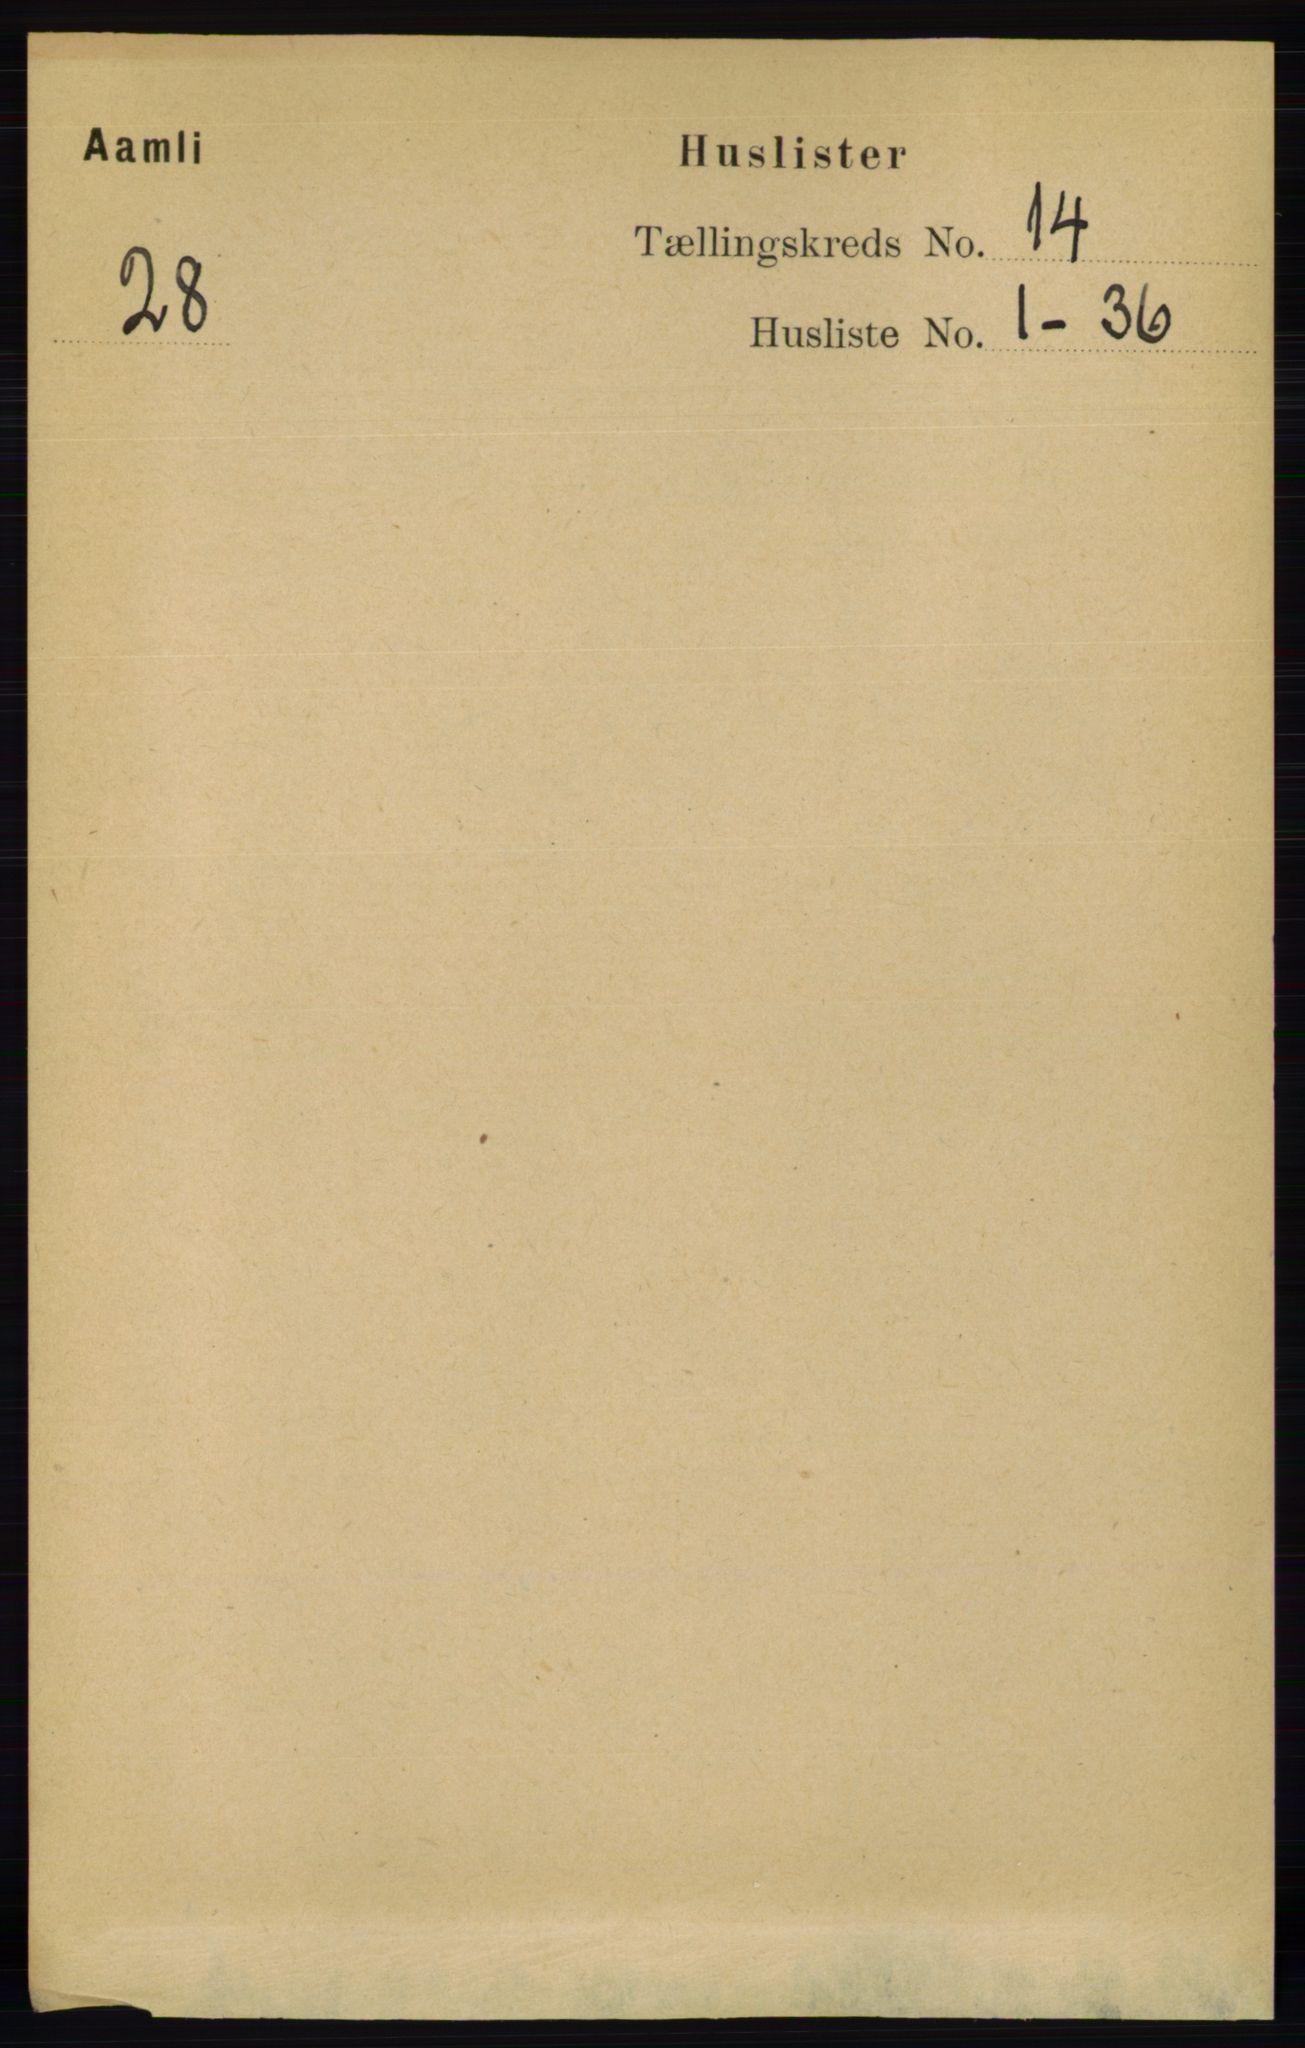 RA, Folketelling 1891 for 0929 Åmli herred, 1891, s. 2226